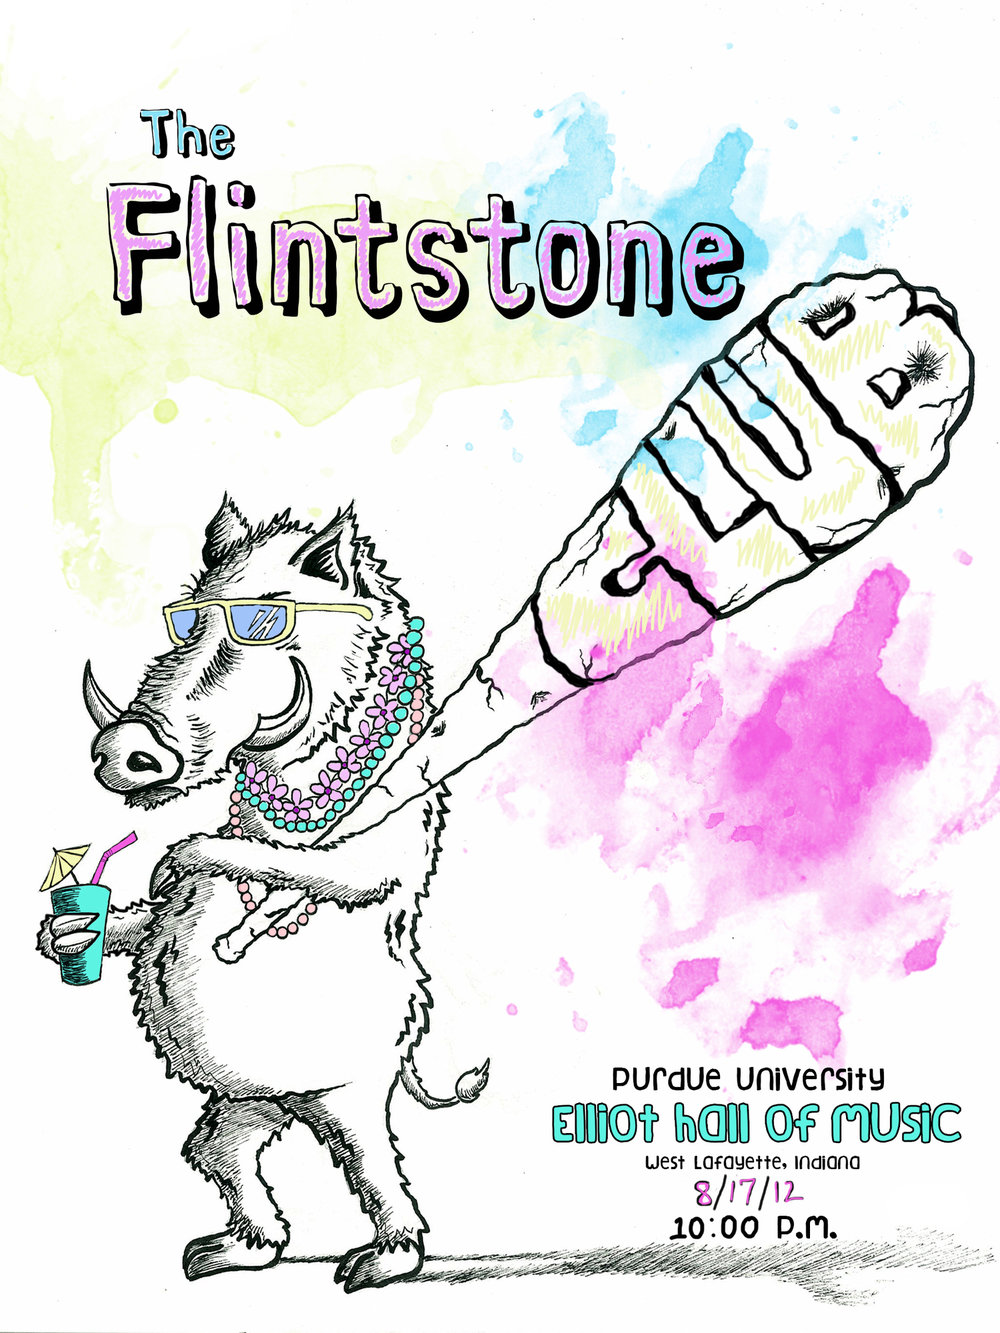 Flintstone-poster.jpg